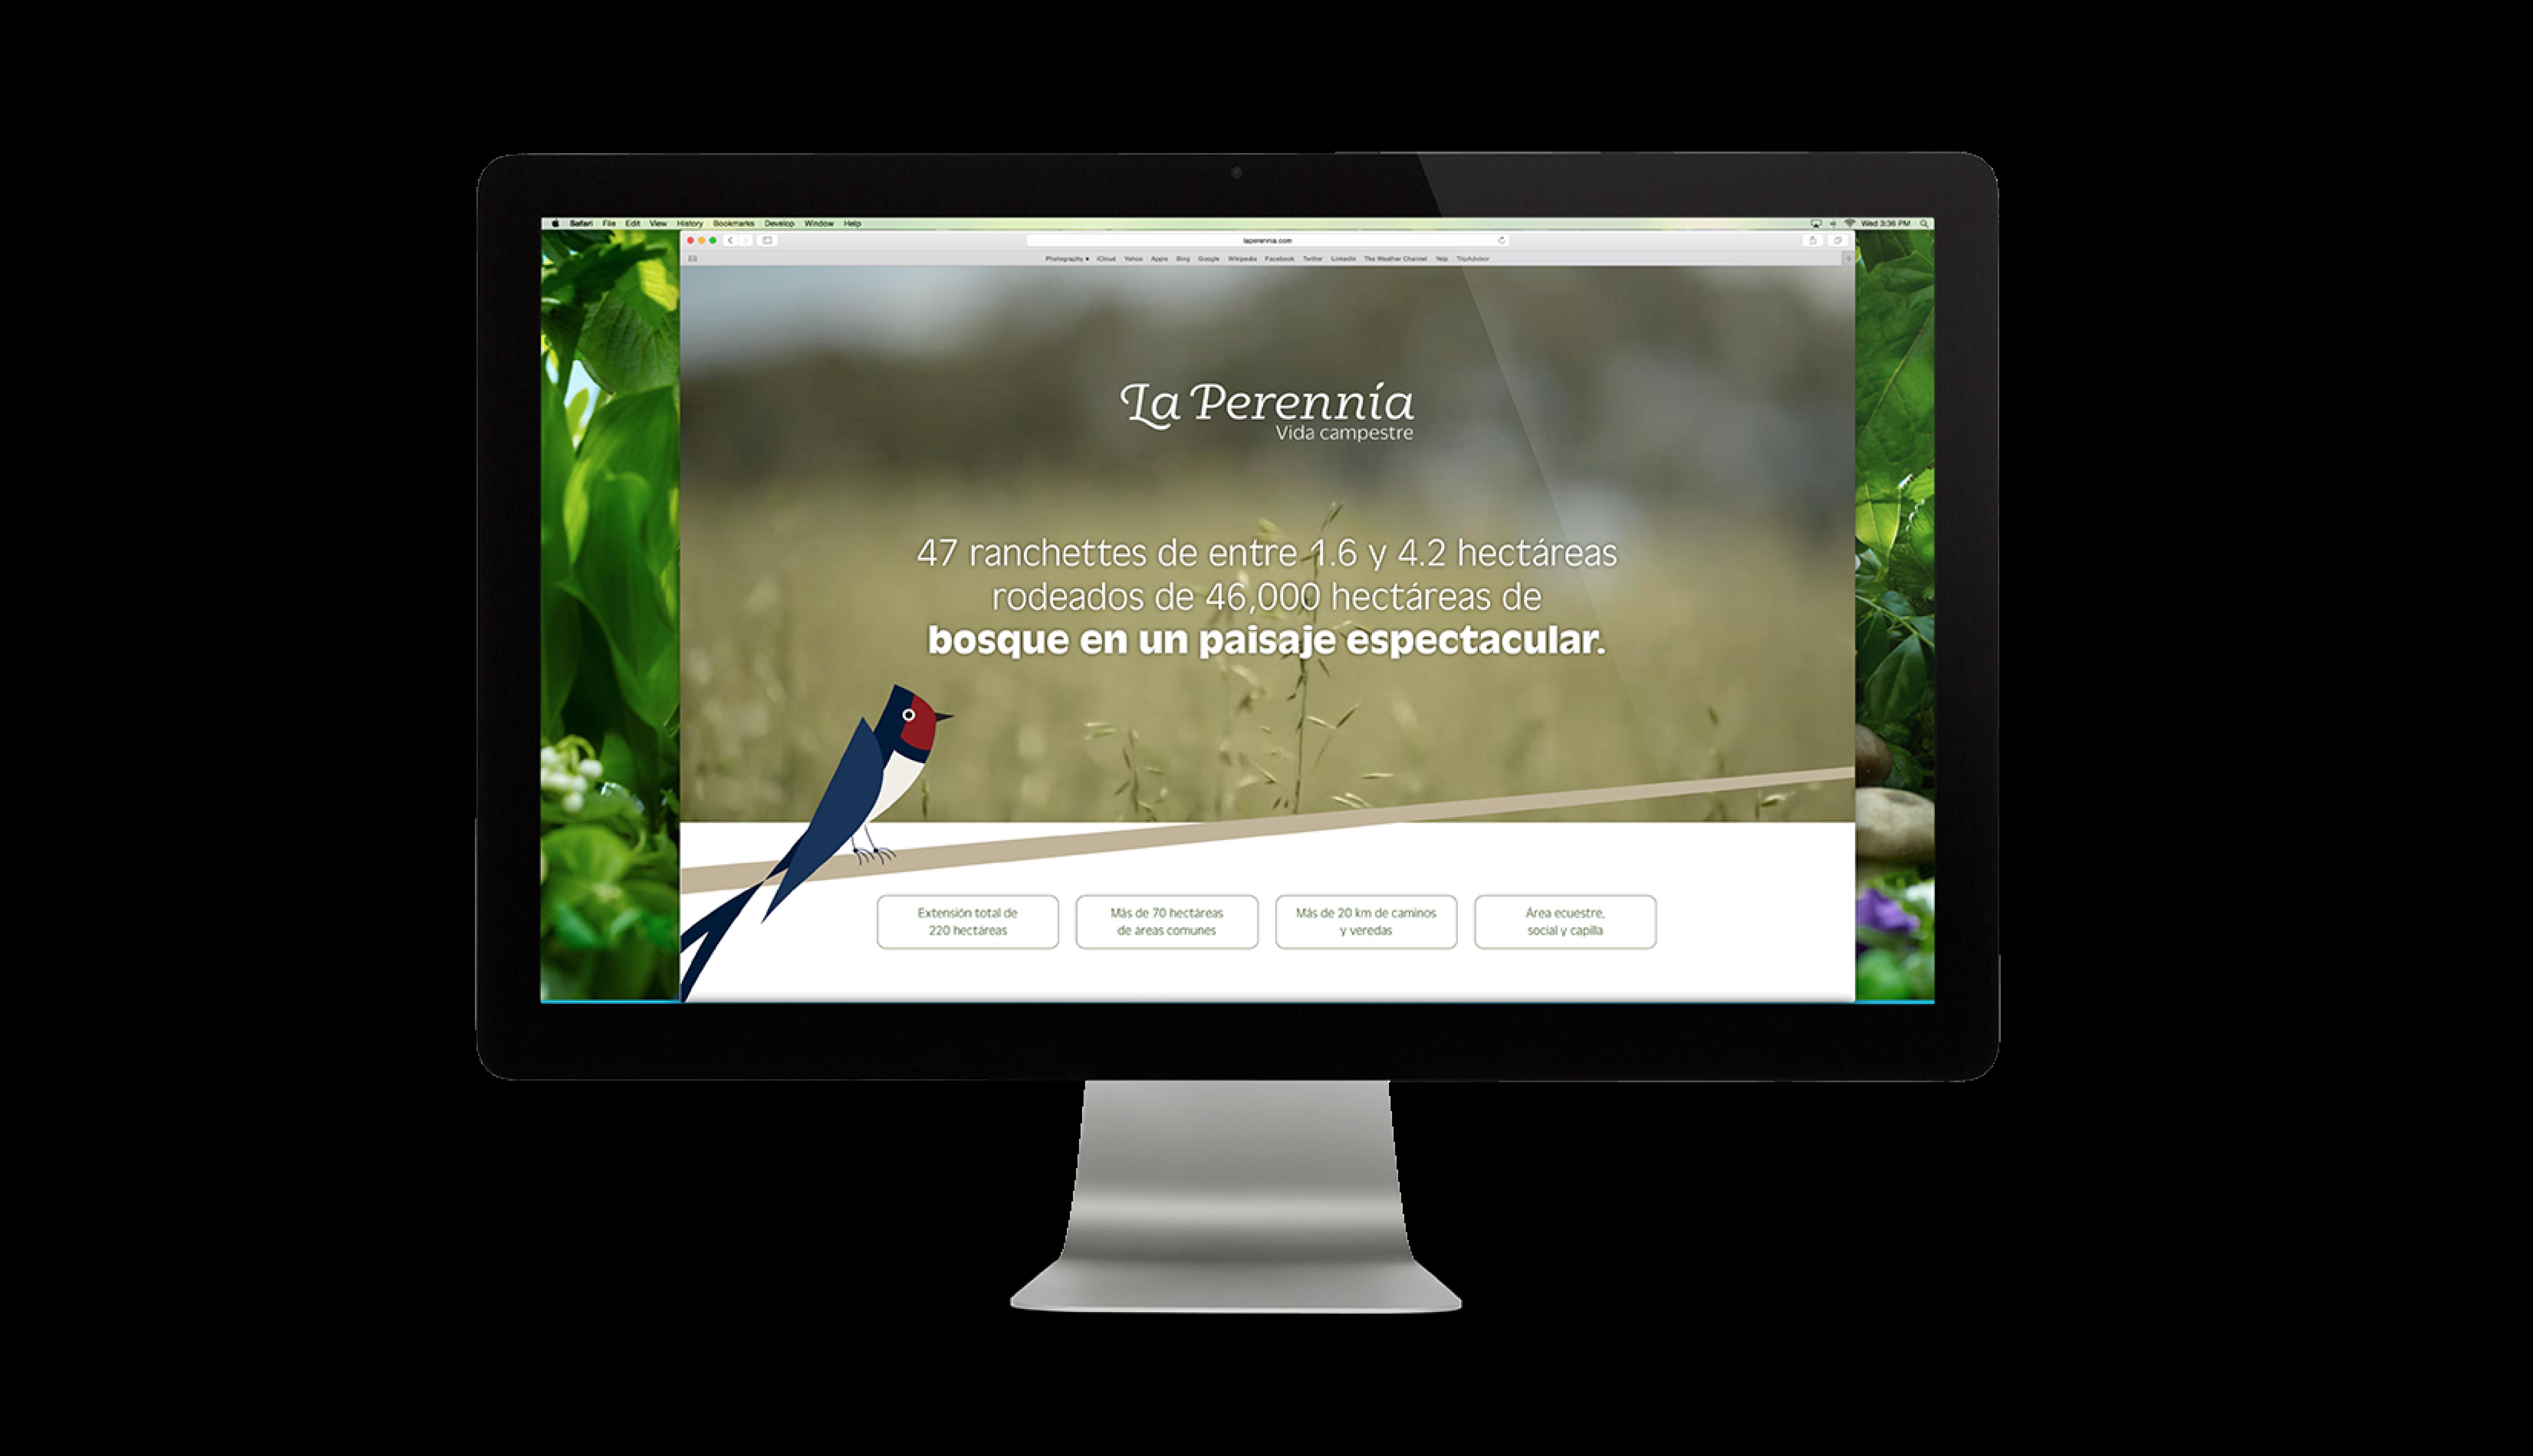 Monitor con la página de La Perennia